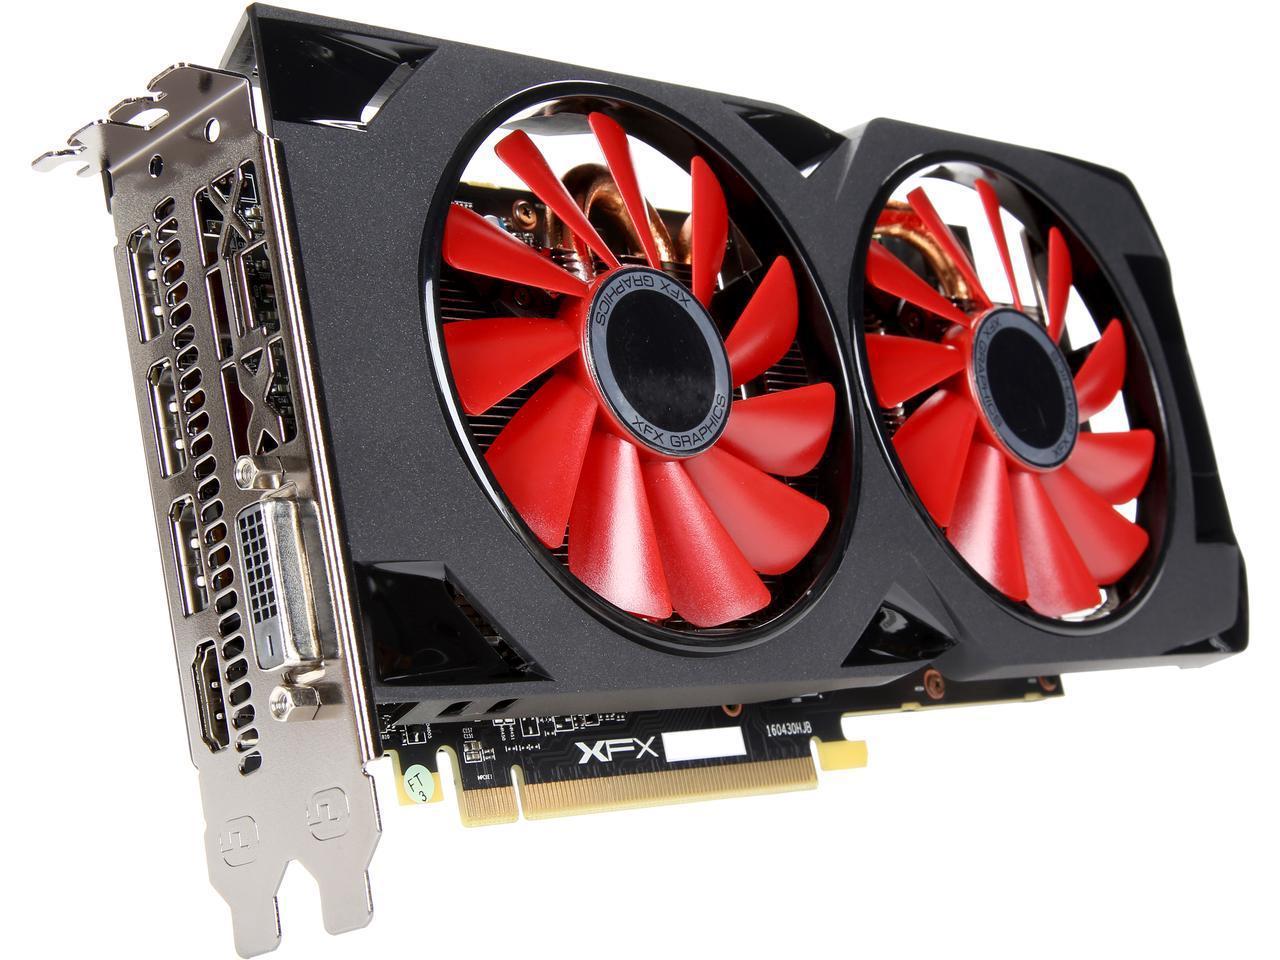 XFX Radeon RX 570 8GB 256-Bit DDR5 PCIE Video Card + 2x ...